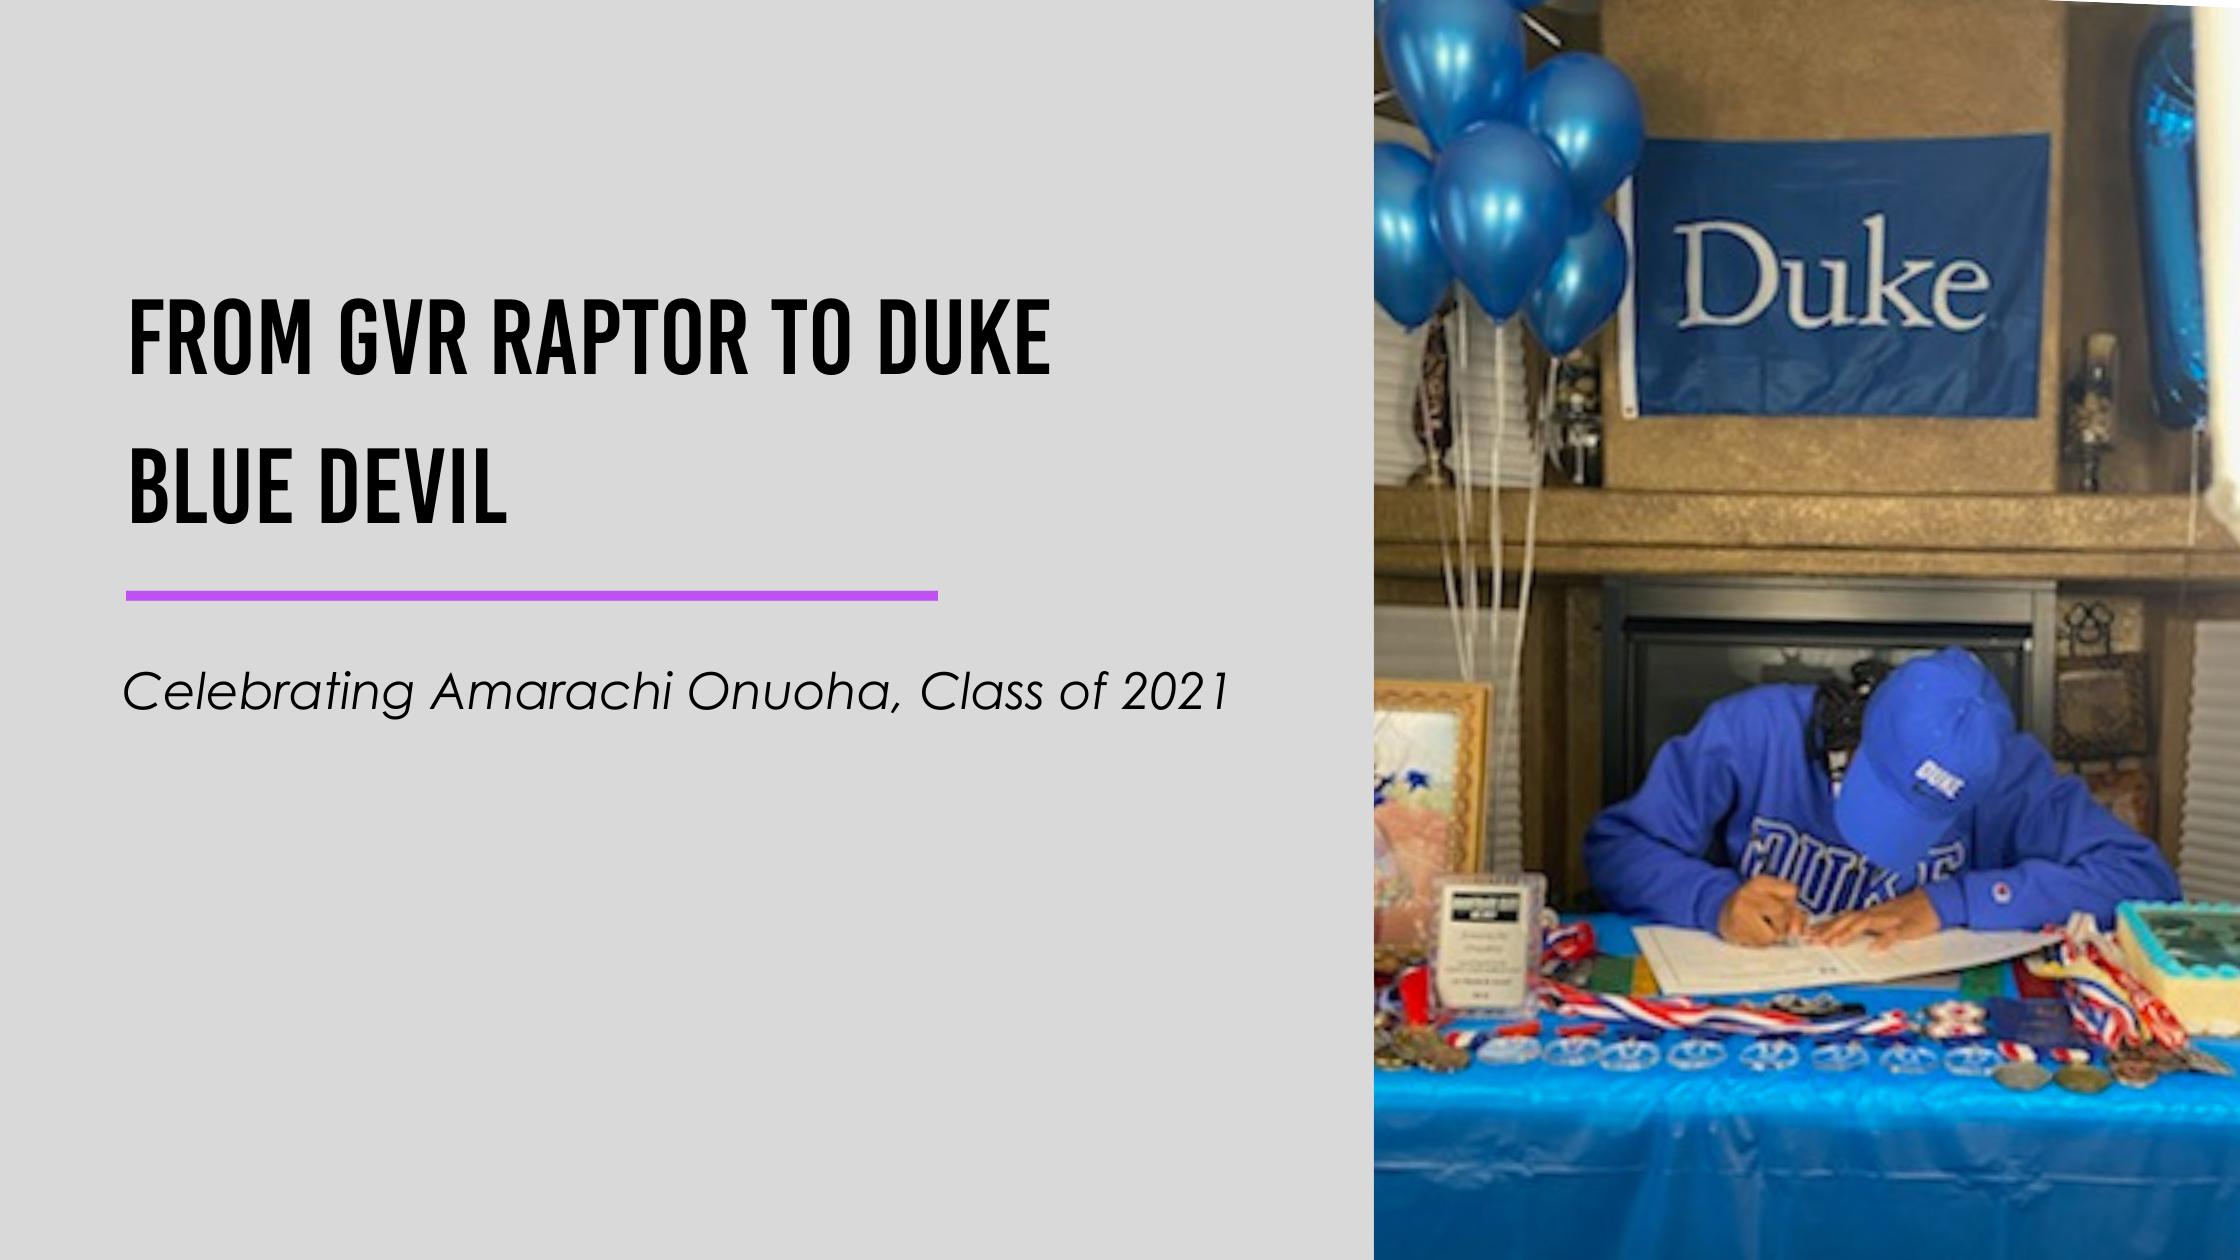 From GVR Raptor to Duke Blue Devil (1)